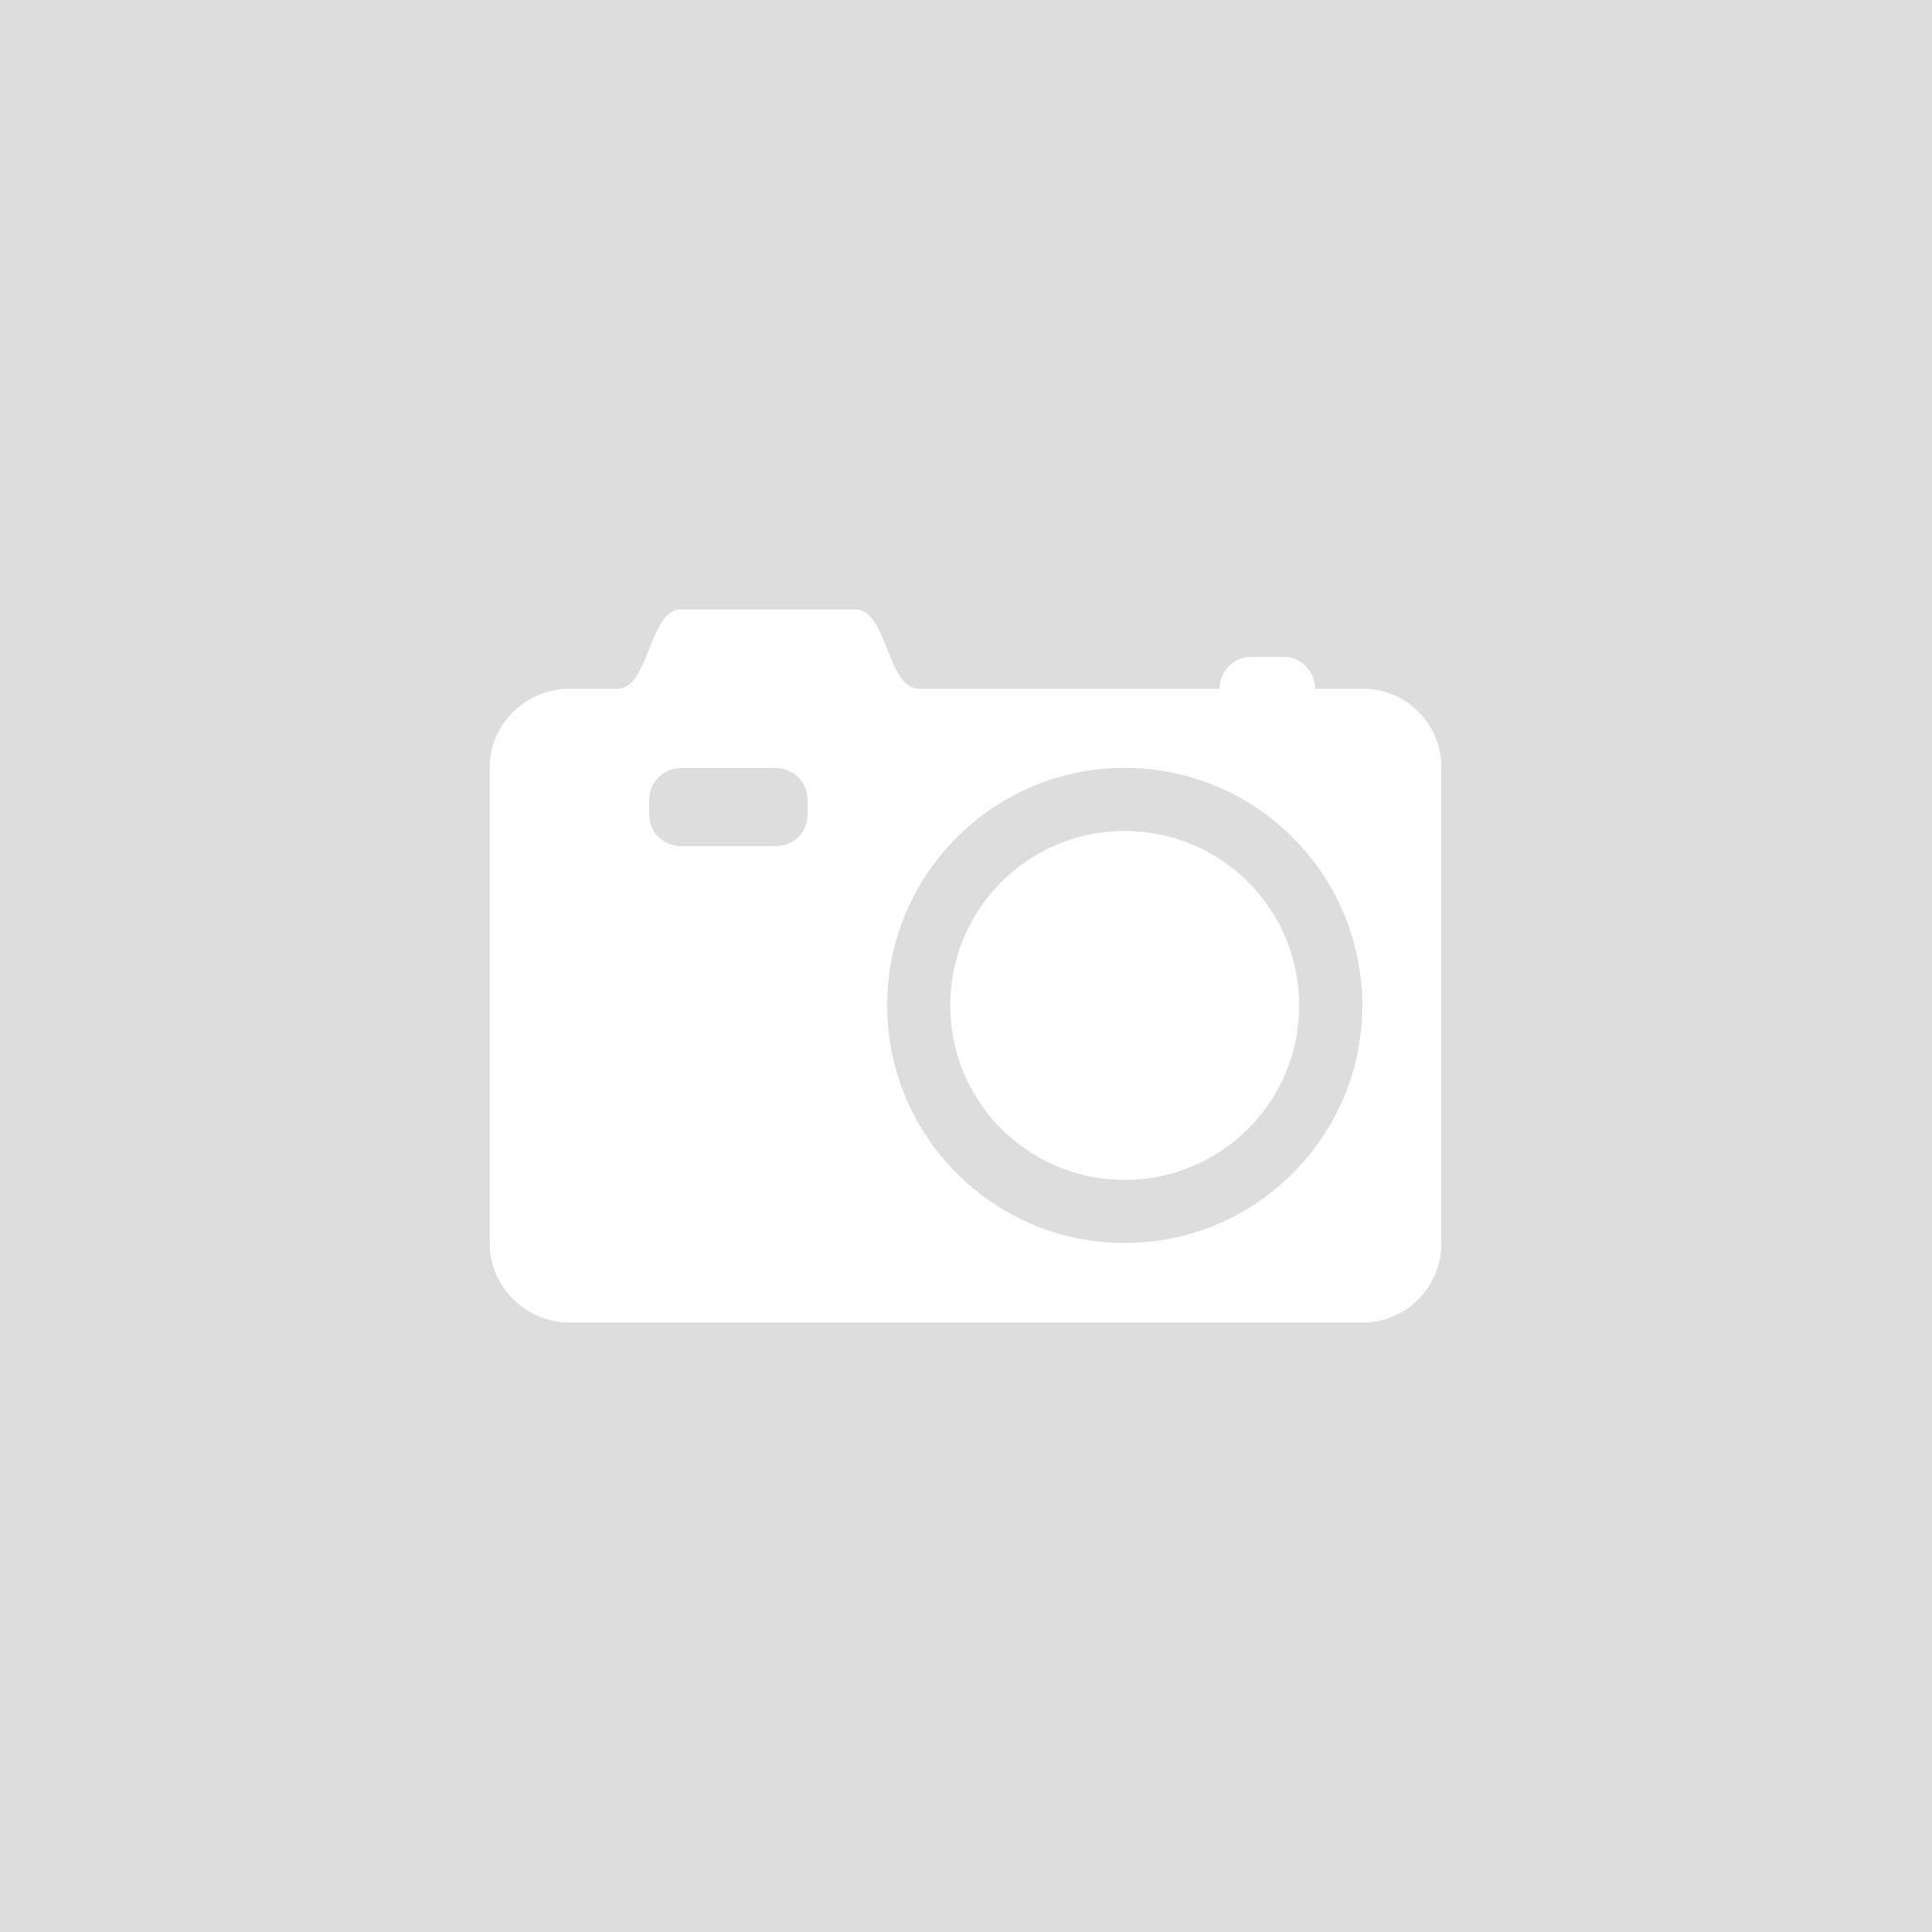 Knightsbridge Stripe Grey / Charcoal Glitter Wallpaper by Rasch 316834